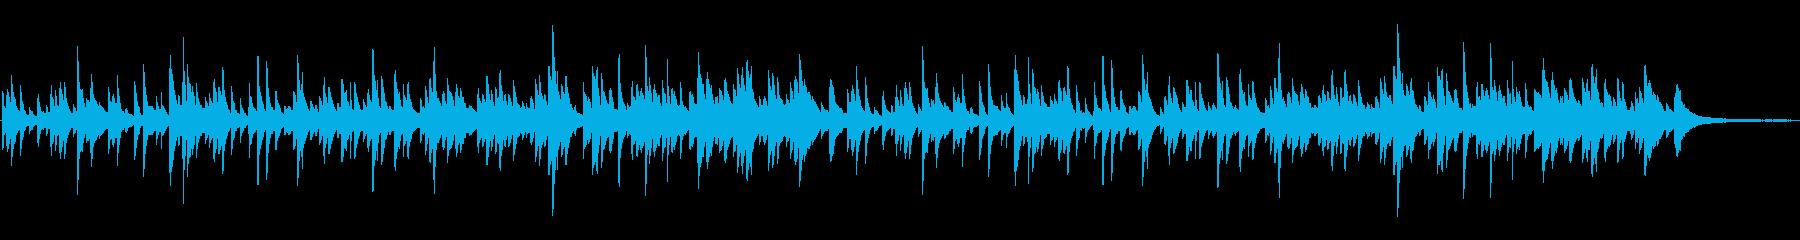 やさしい 切ない ピアノソロ 3拍子の再生済みの波形